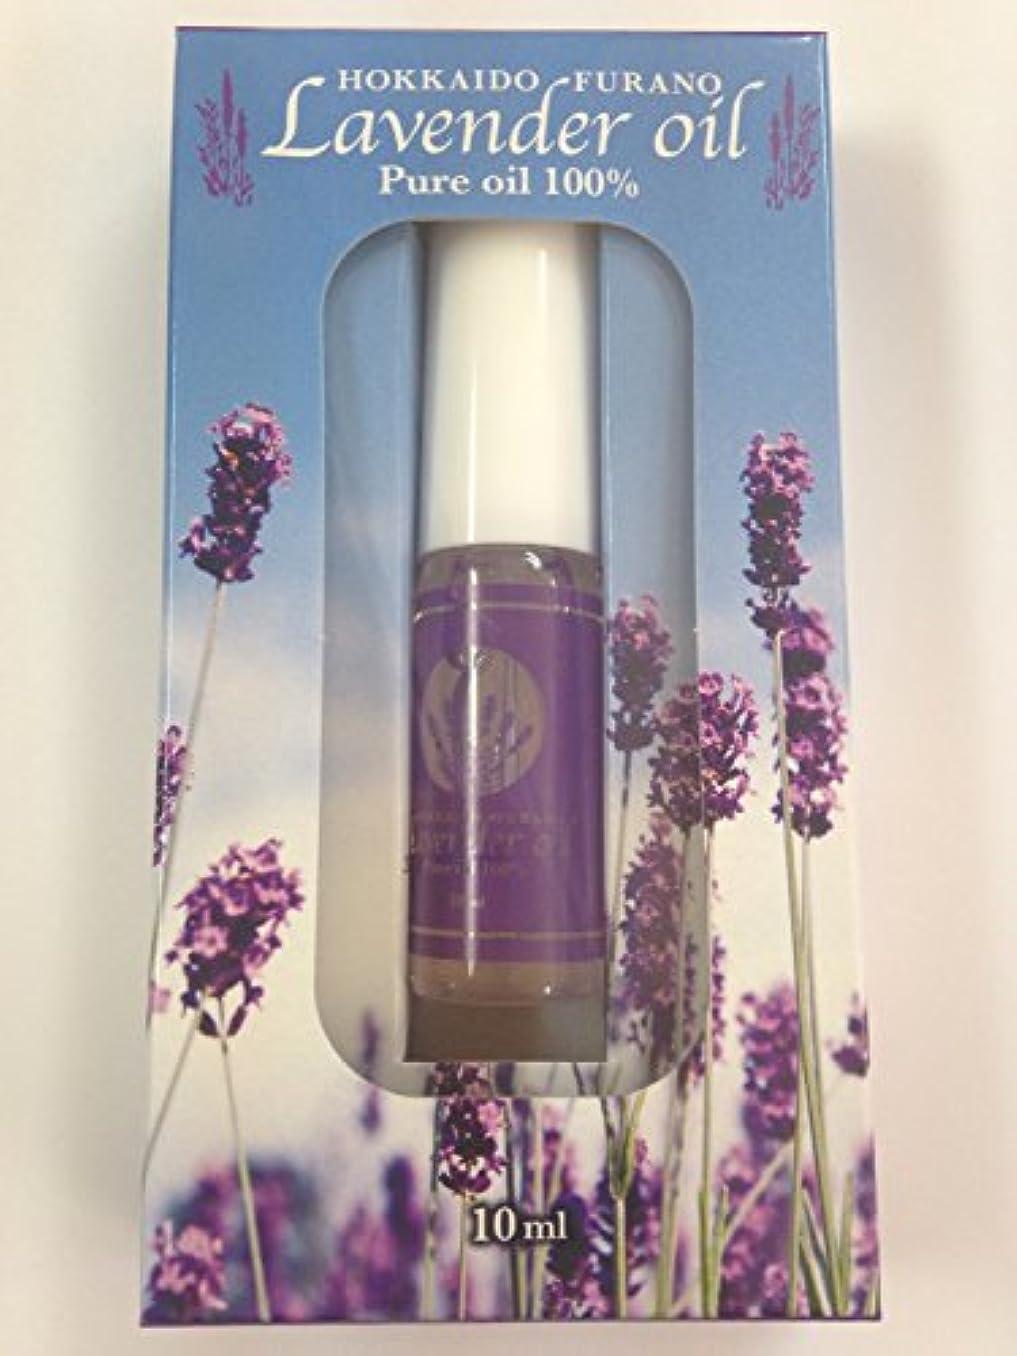 パットうまくやる()針北海道◆ラベンダー天然精油100%?10ml<水蒸気蒸留法>Lavender oil